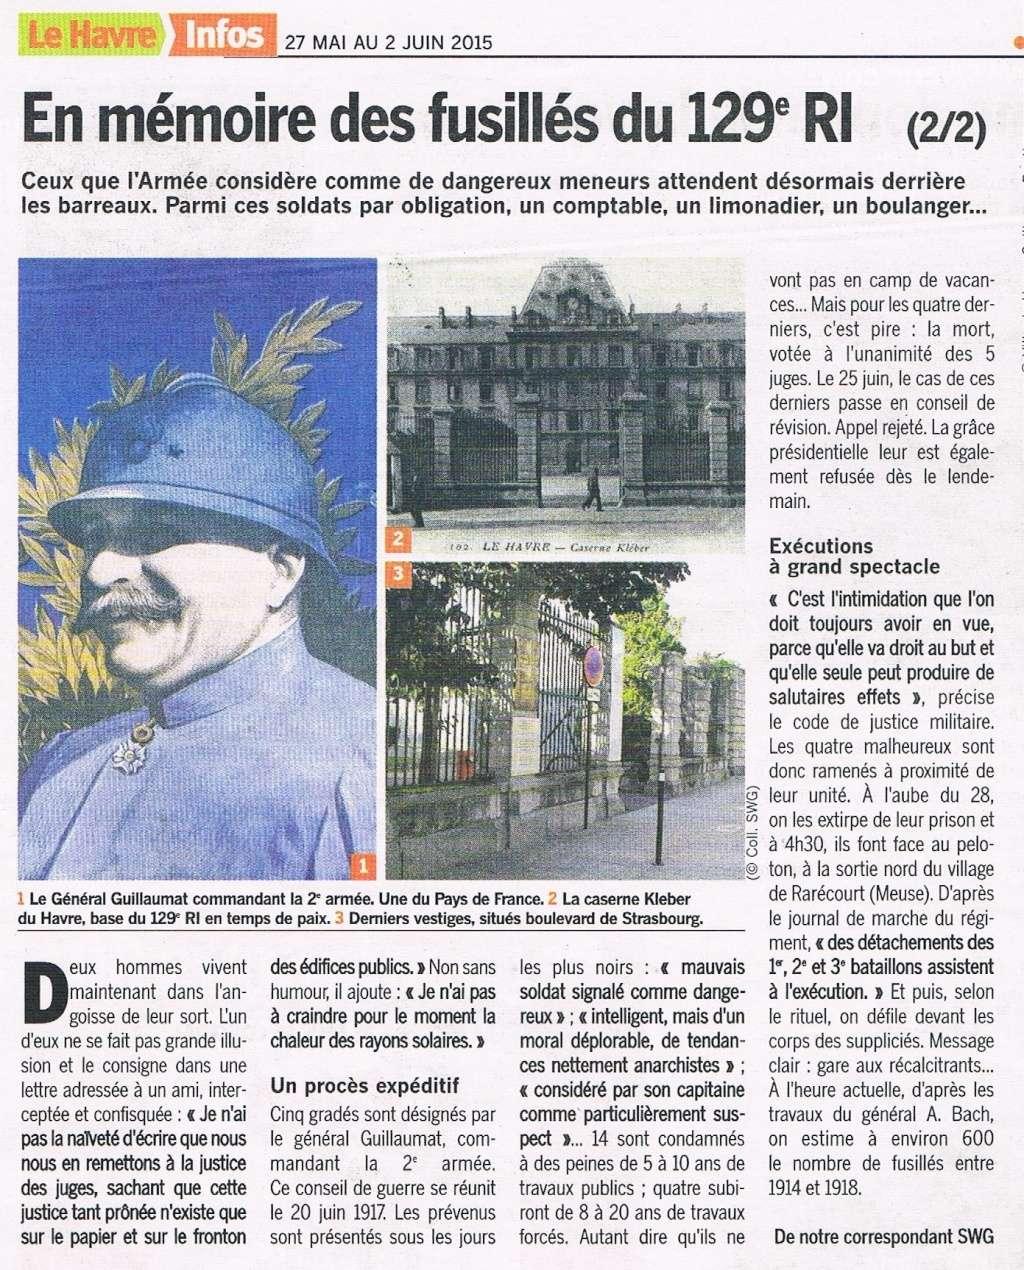 lefrançois - Mémoire des fusillés du 129 RI Mymoir11